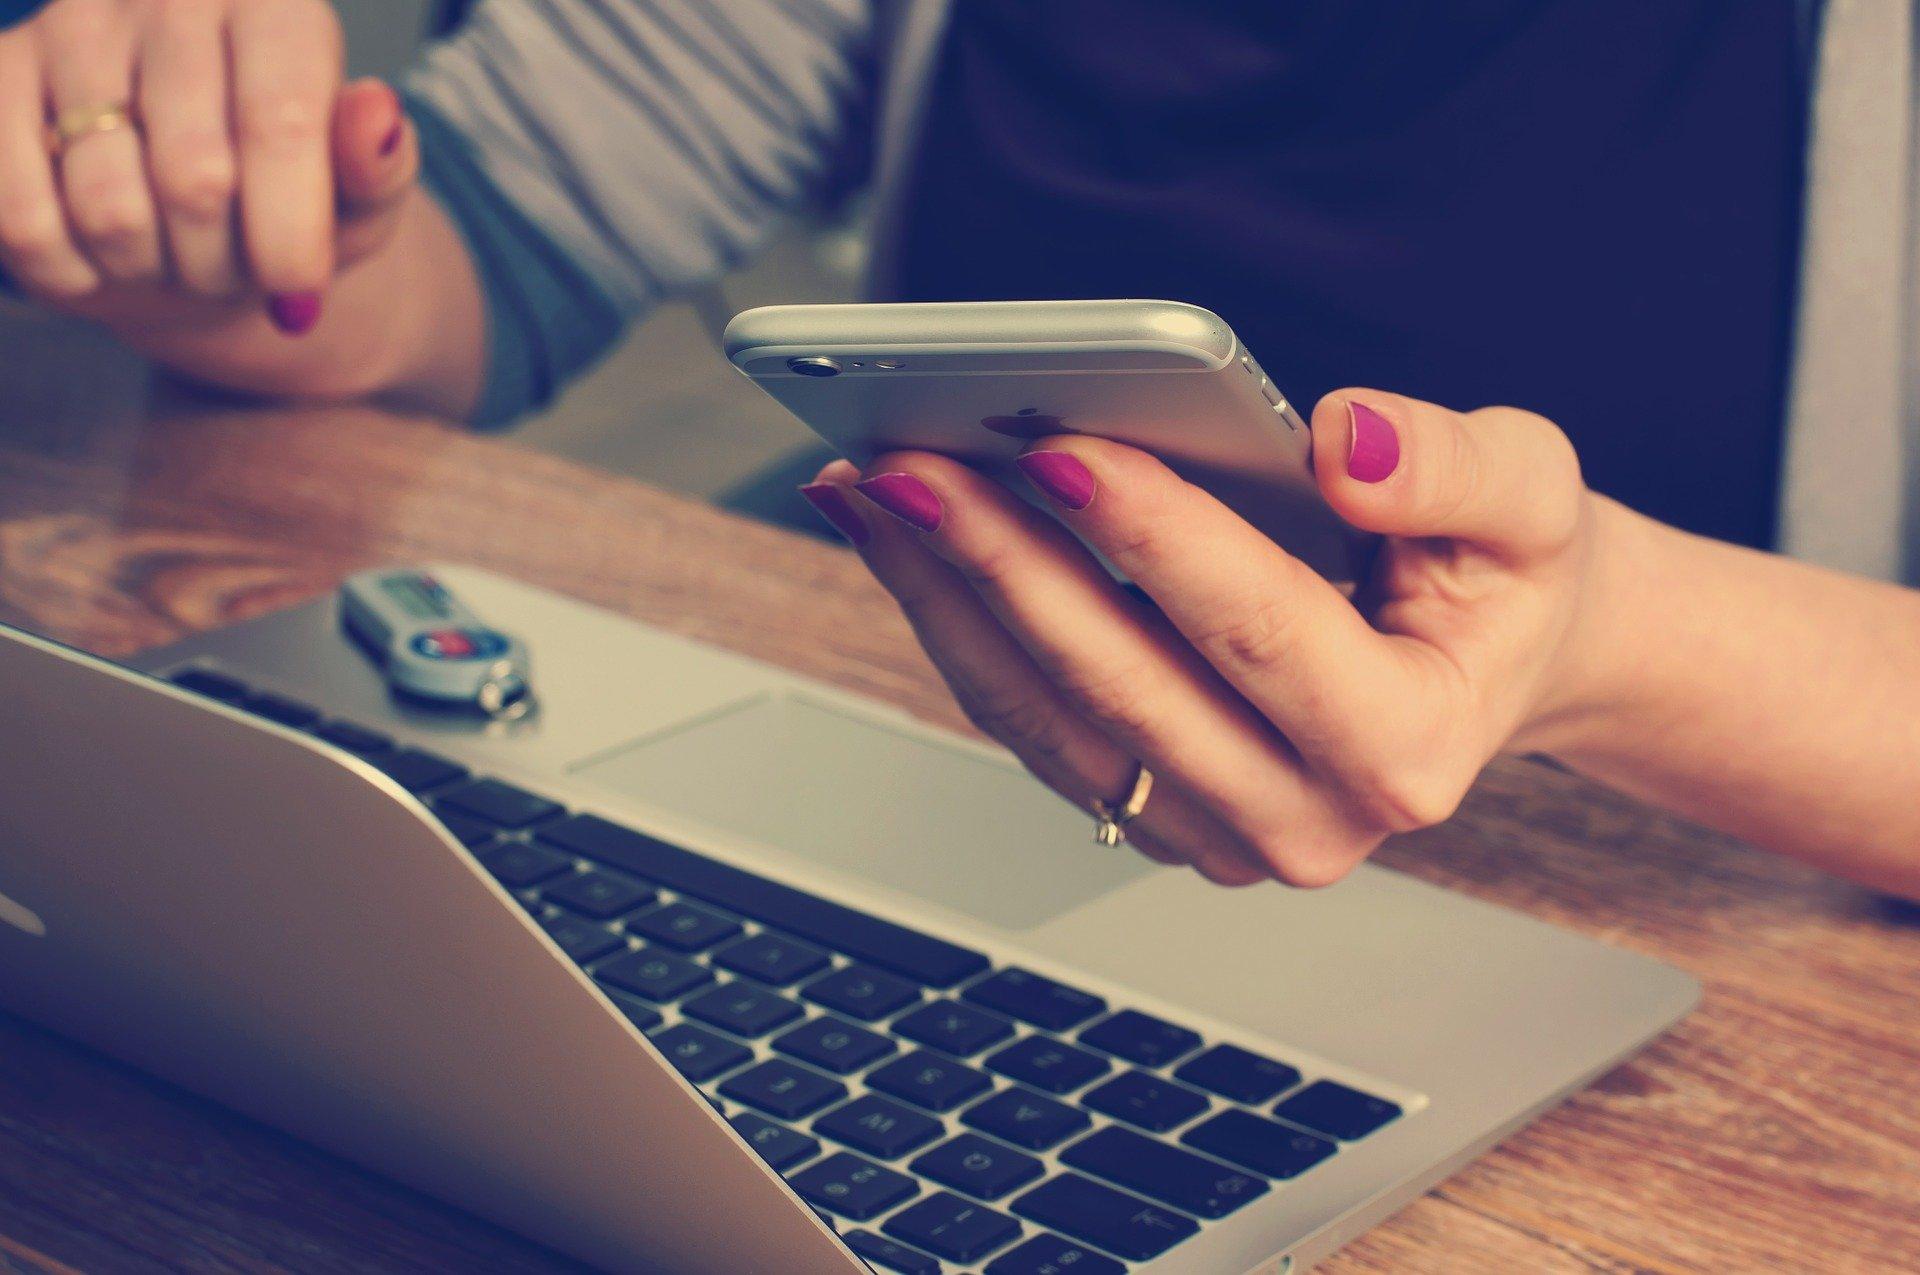 Celodenní sledování telefonu a počítače škodí zdraví